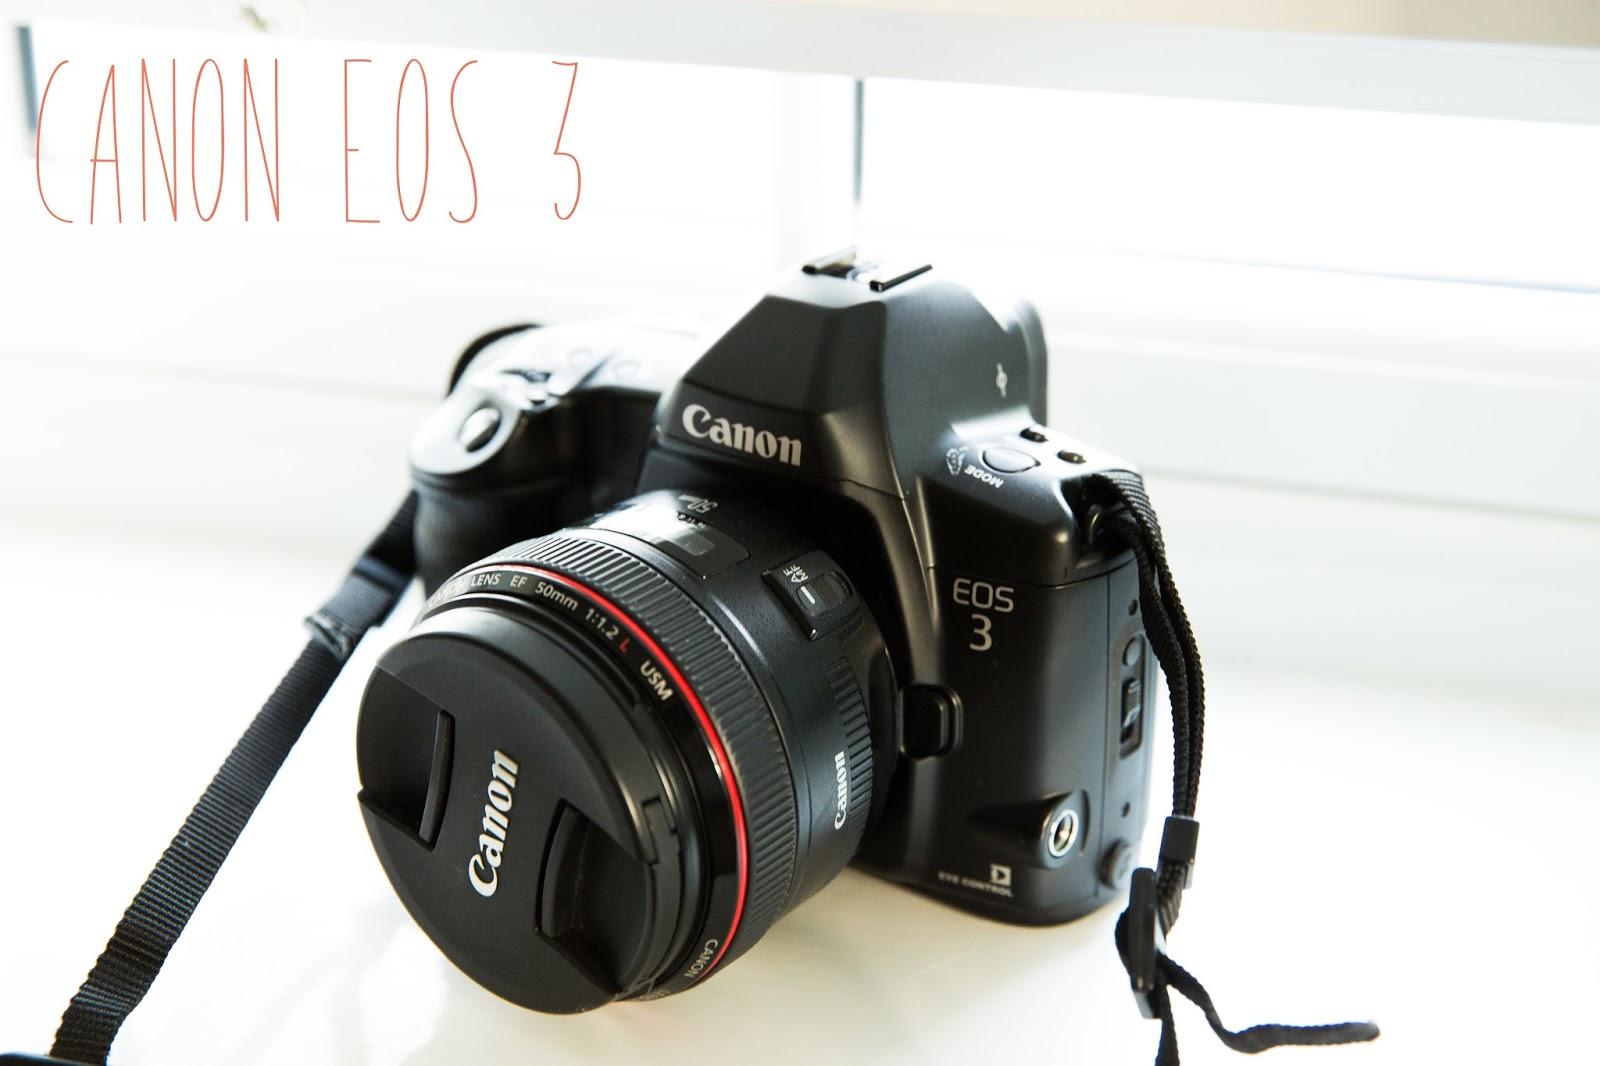 charlie farlie photography canon eos 3 homemade manual the basics rh charliefarliephotos blogspot com manual ios 11 manual ios 11